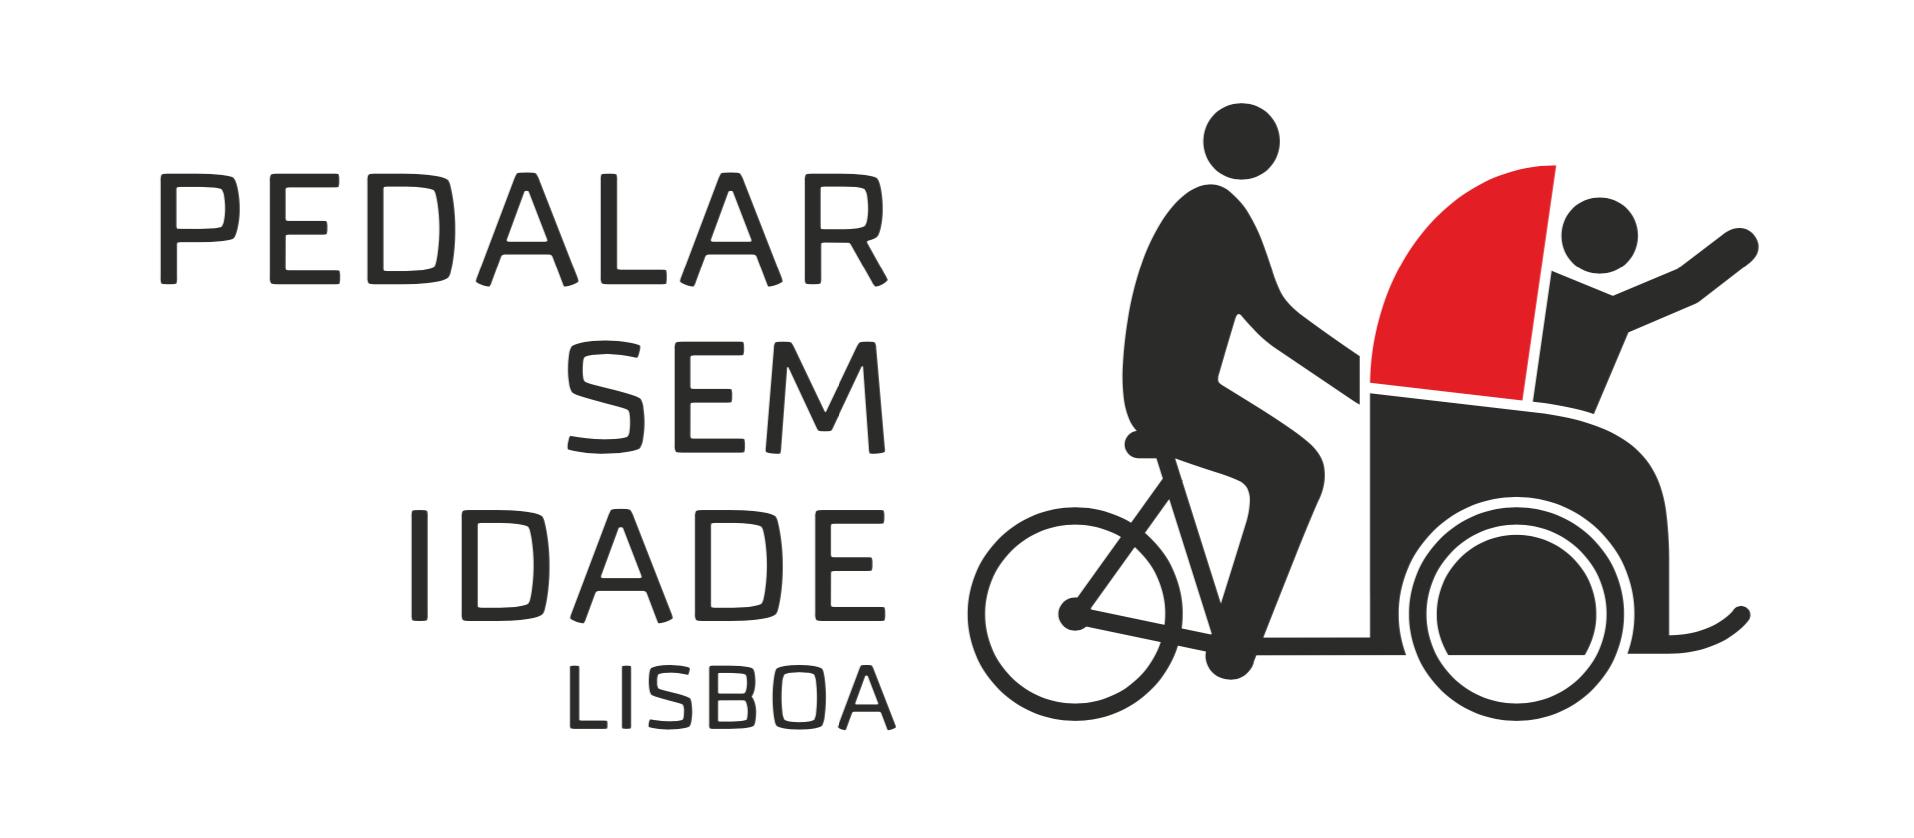 pedalar sem idade branco